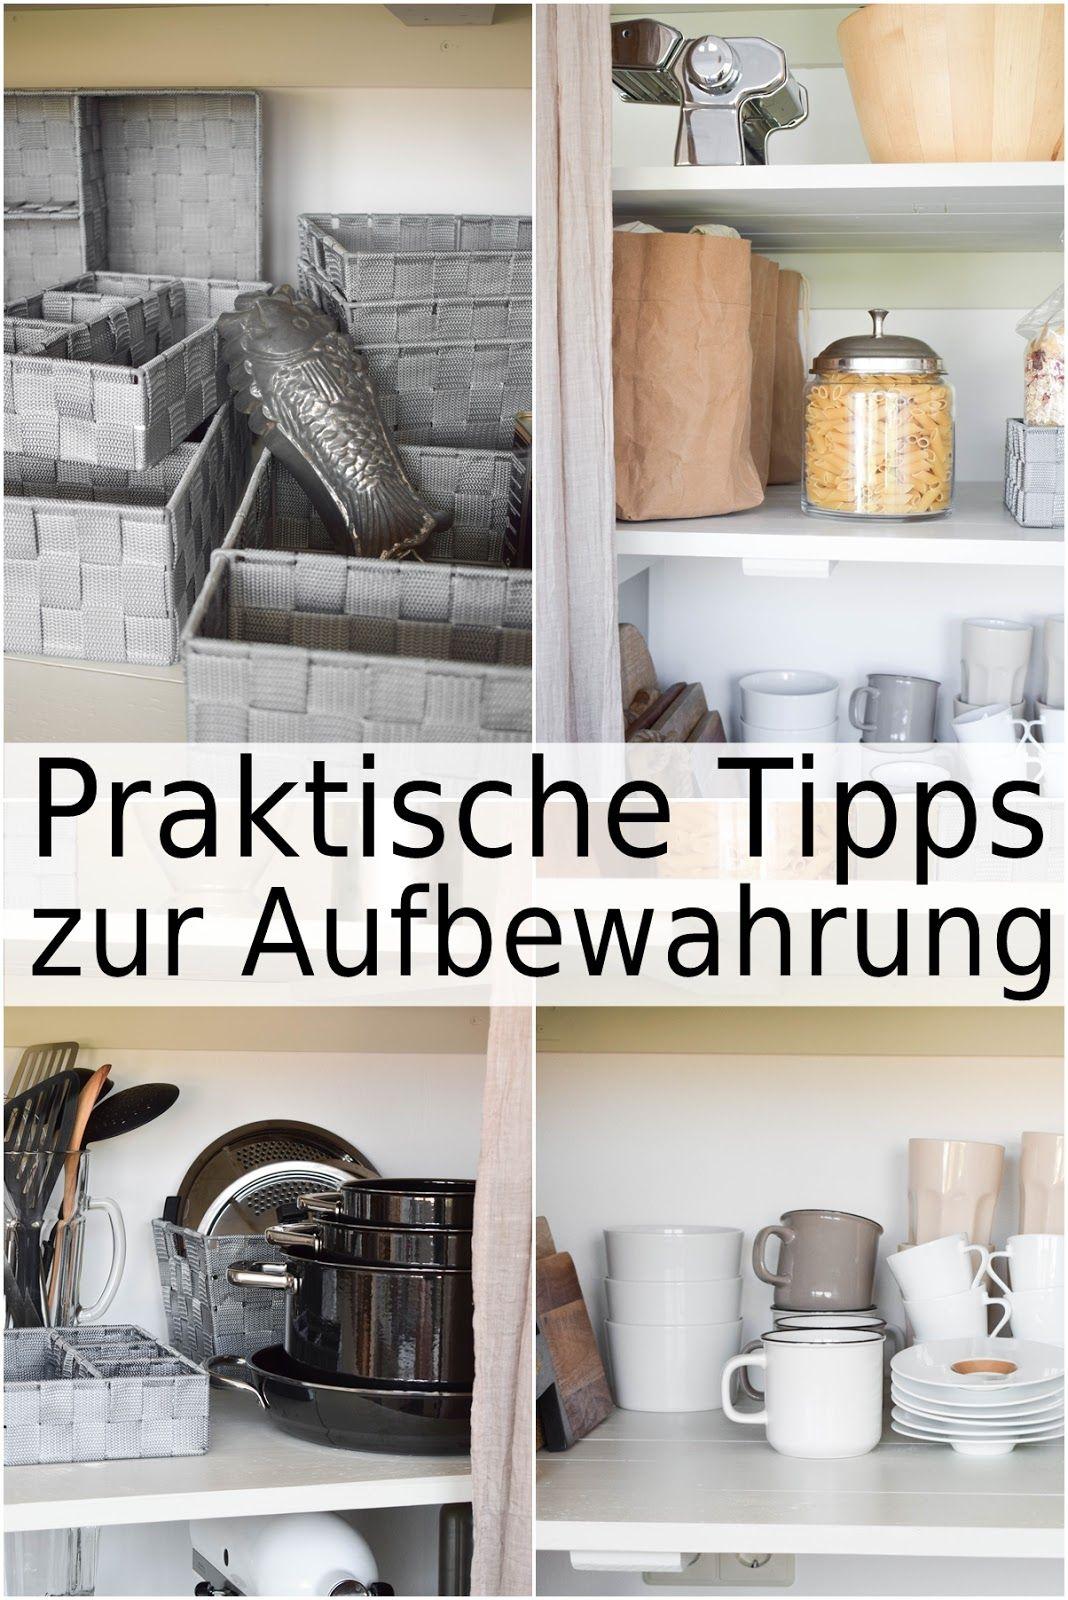 Schrank Organisieren aufbewahrung mit wenko:aufbewahrungskorb küchenorganizer ideen